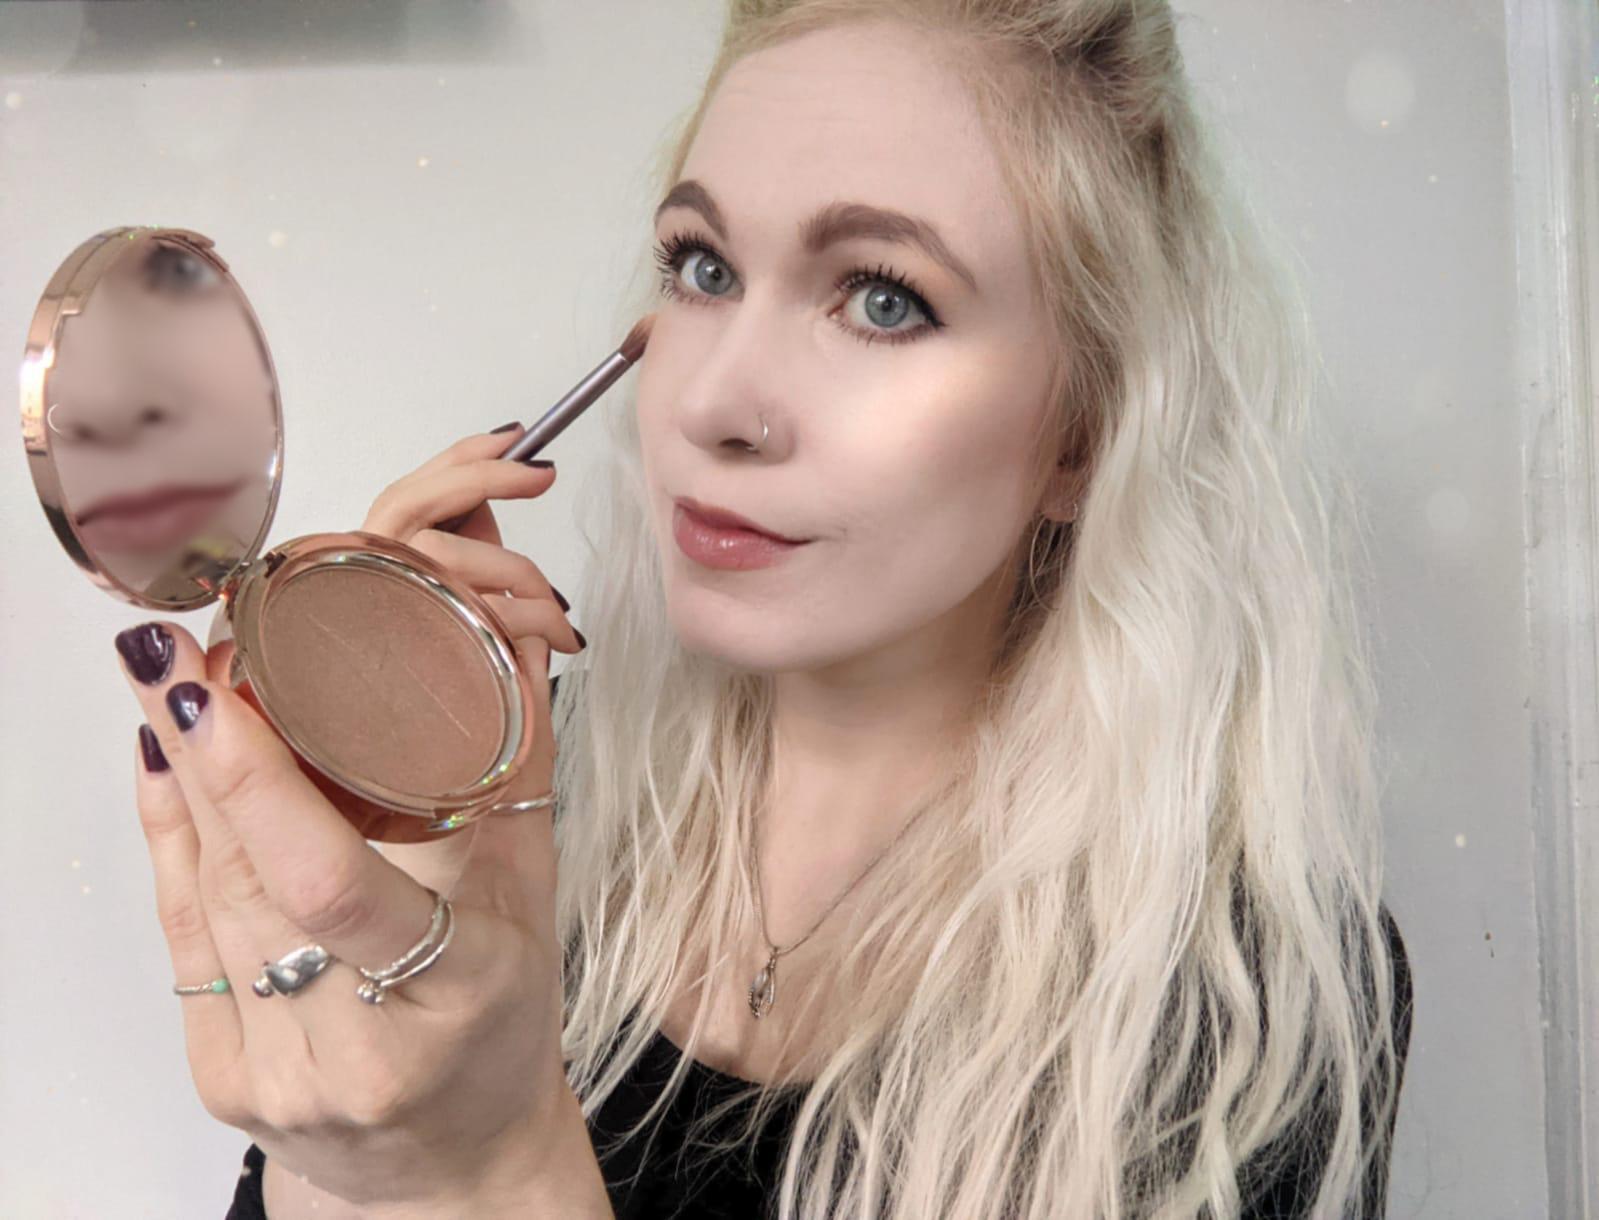 Jolie Beauty Saintly Dreaming Second Skin Highlighter on pale skin littlepackofvegans